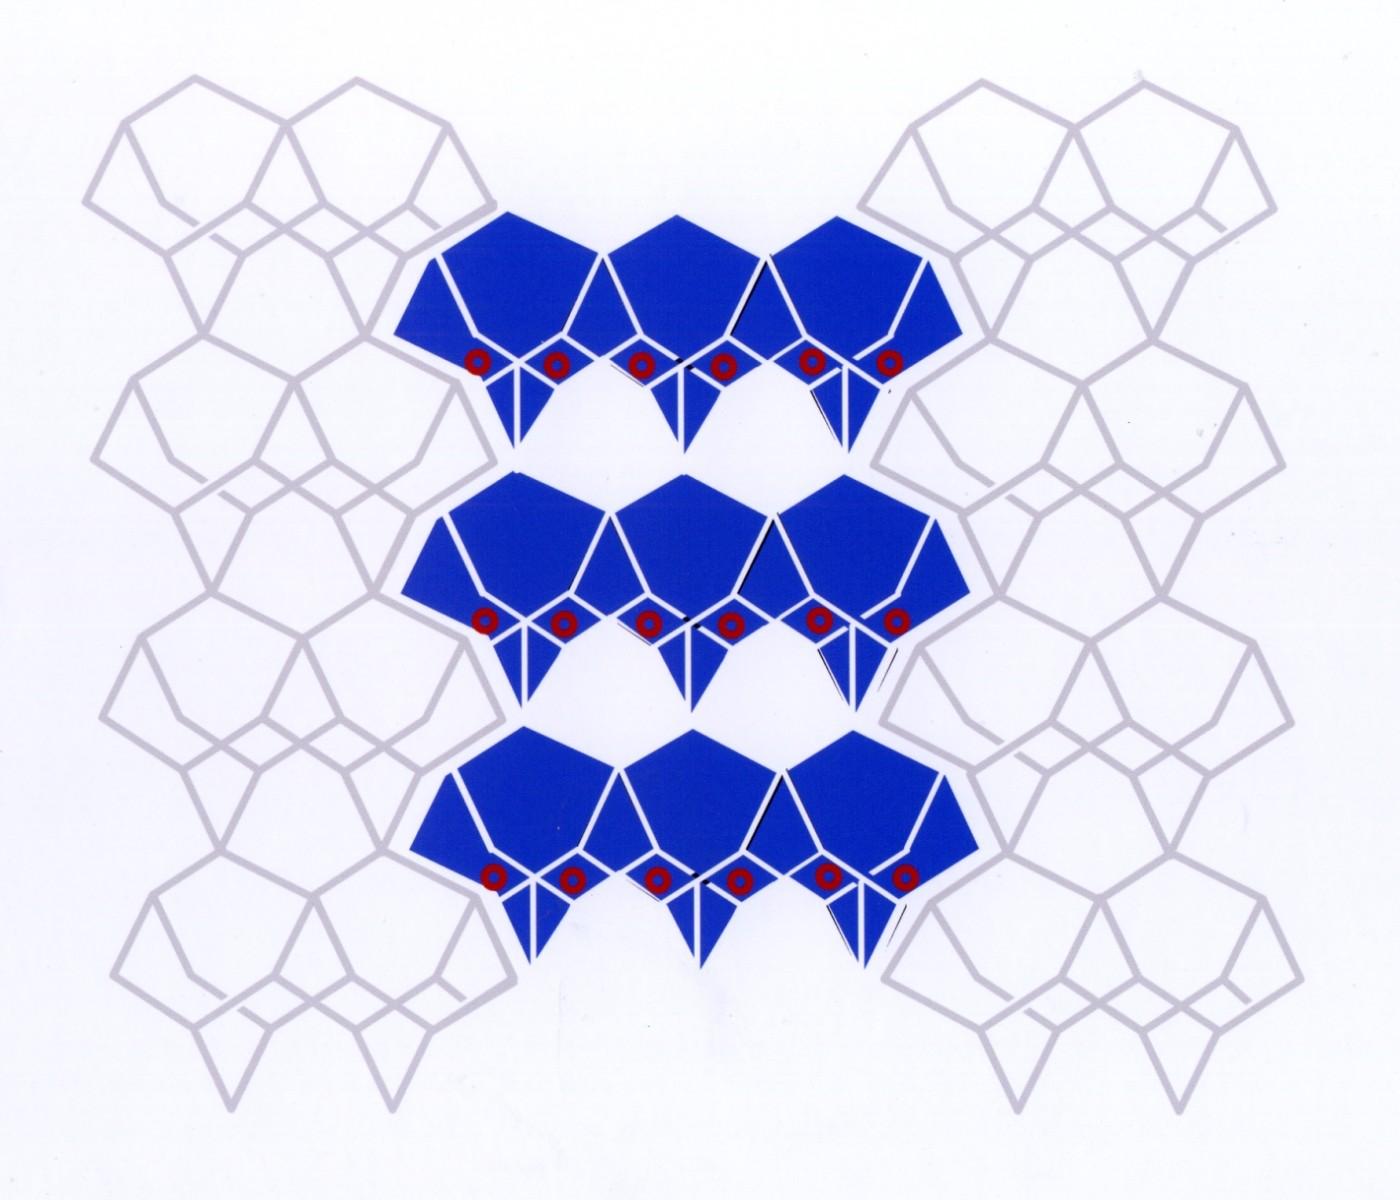 Diamantgitter-09.jpg